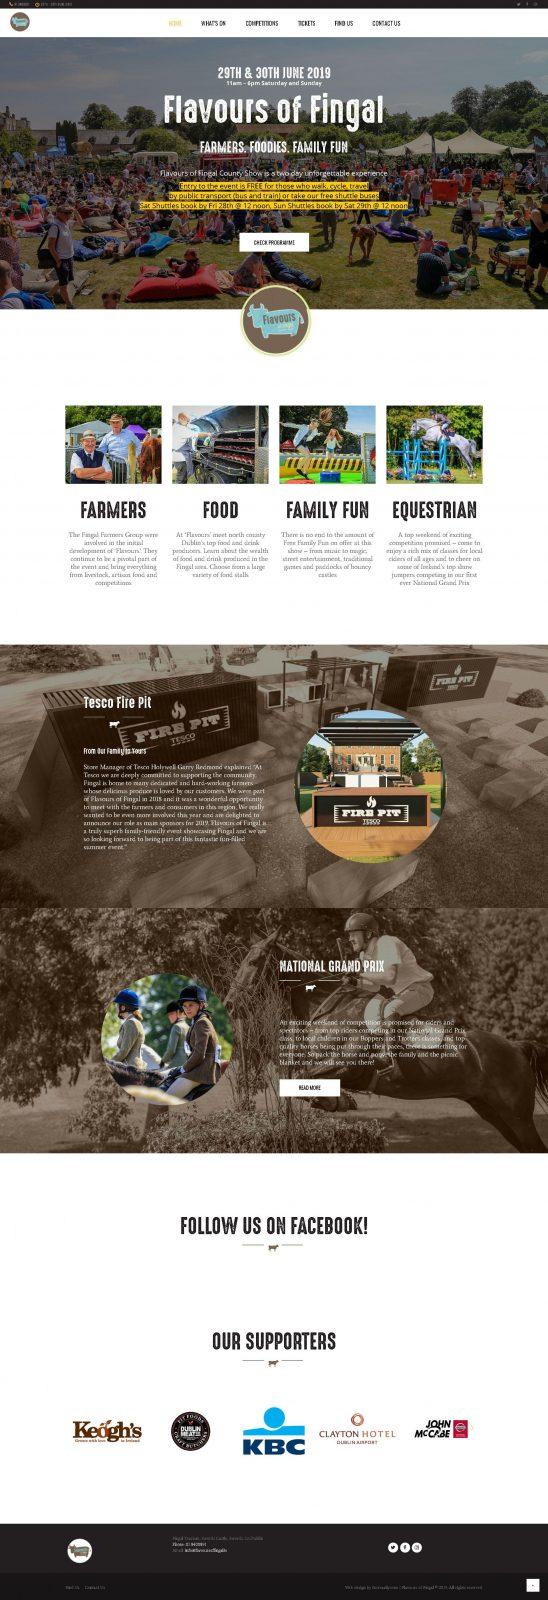 County Show Website Design